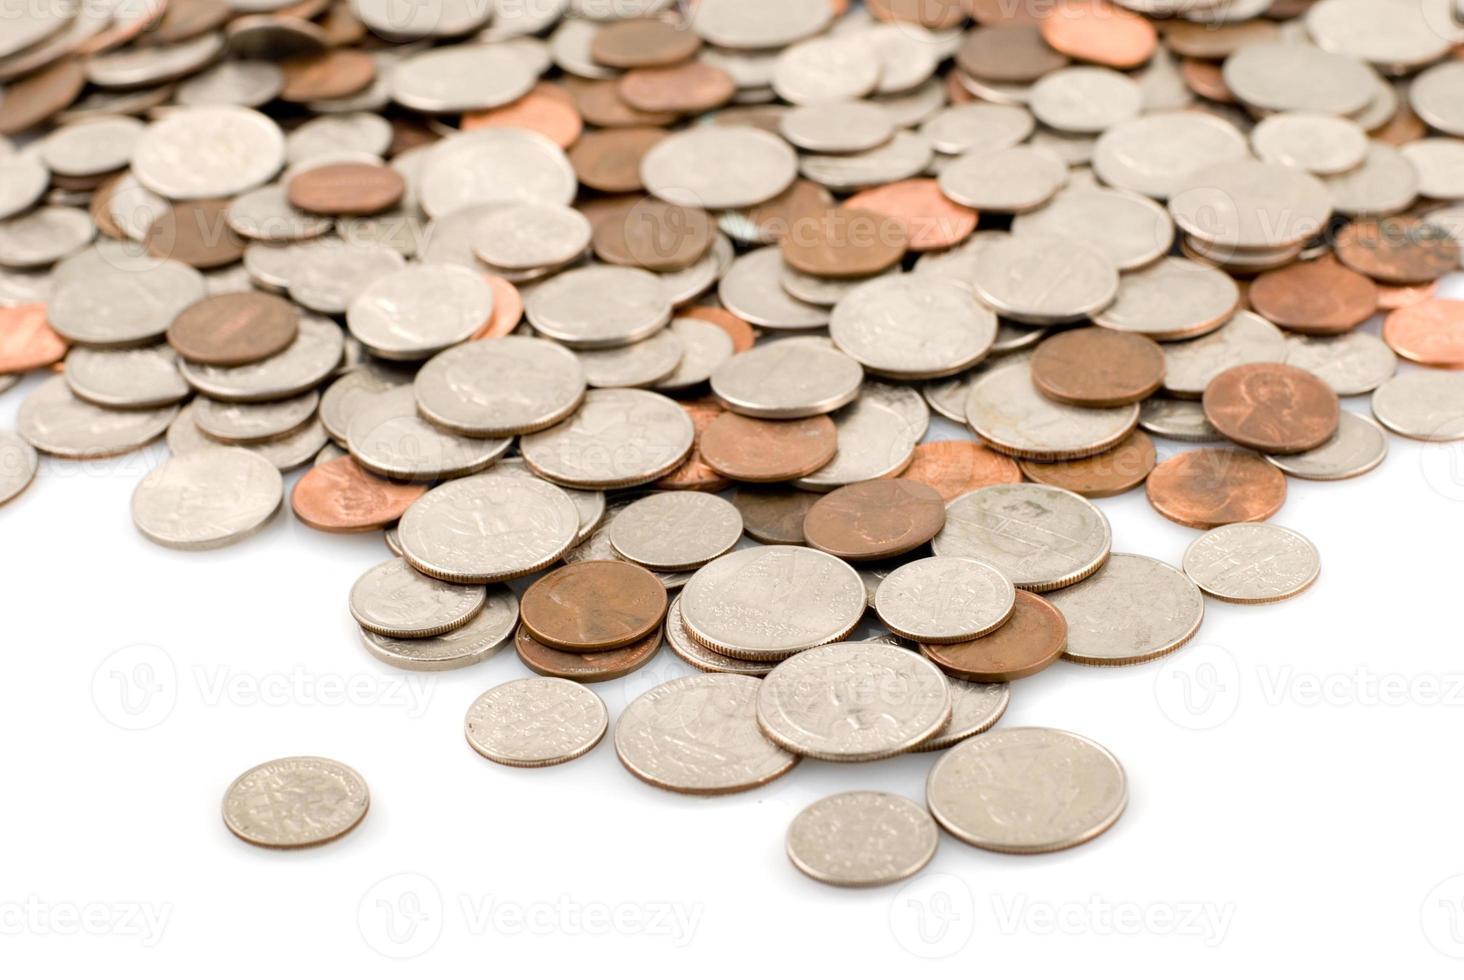 río de monedas foto